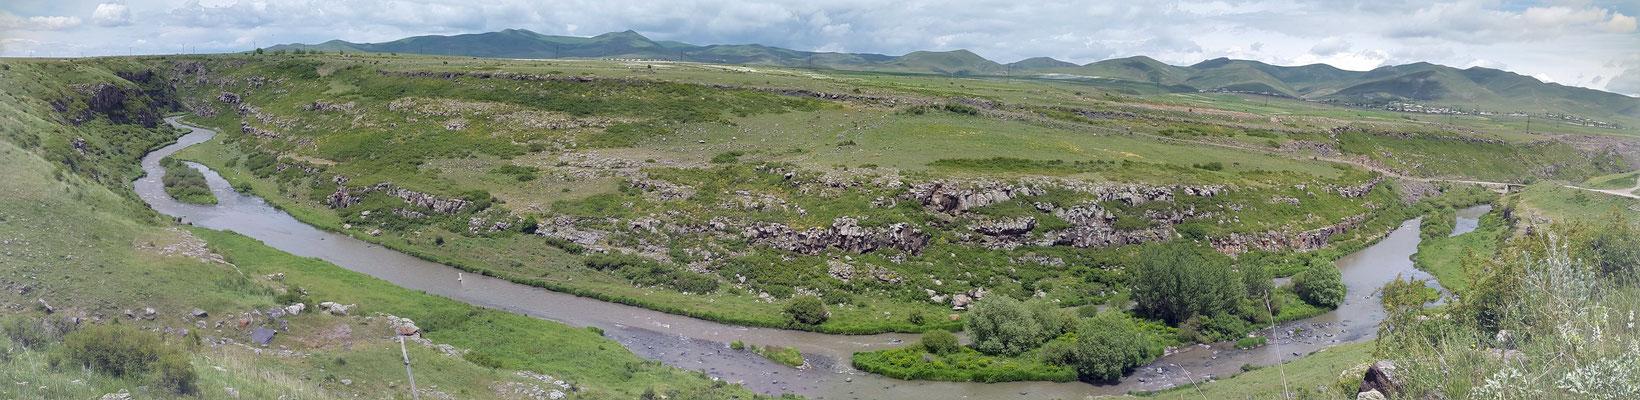 Tal des Flusses Akhurian